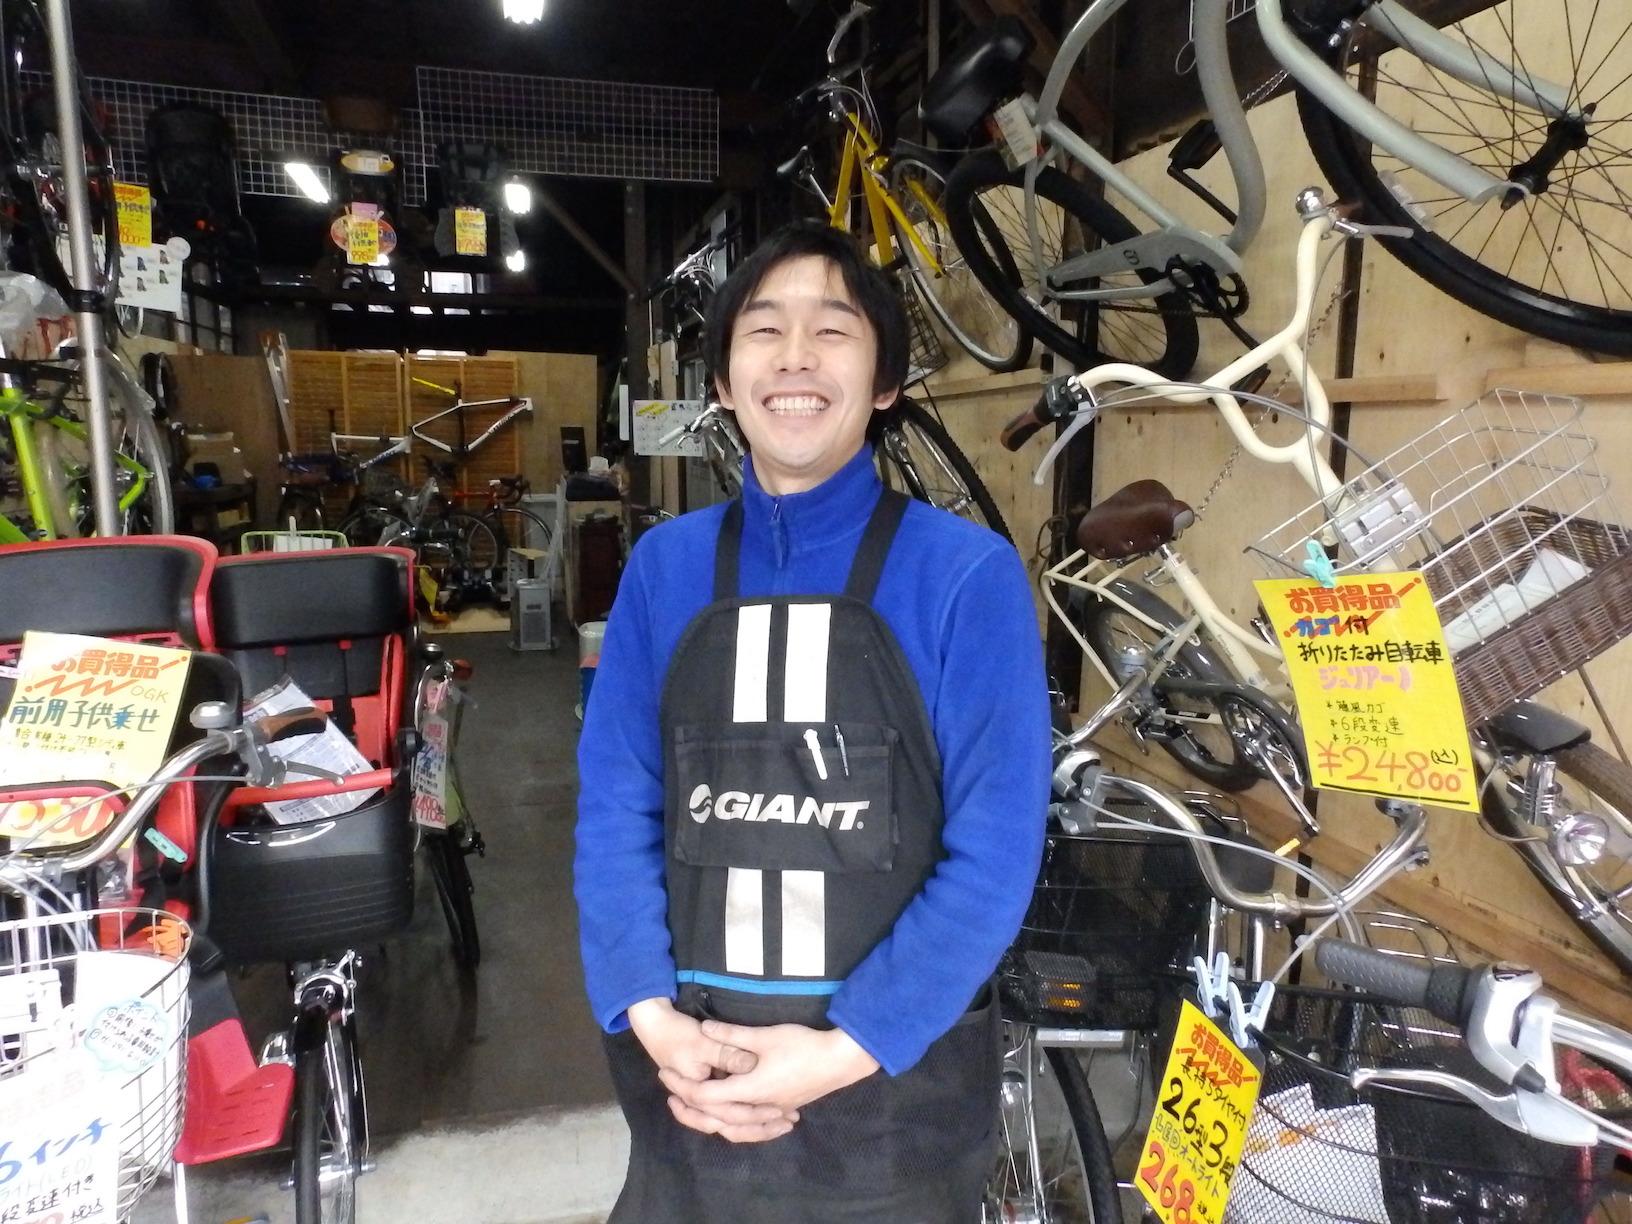 新しいのに昔風な町の自転車屋さん「ピンポンパン サイクル」@日暮里繊維街(読者特典付き)